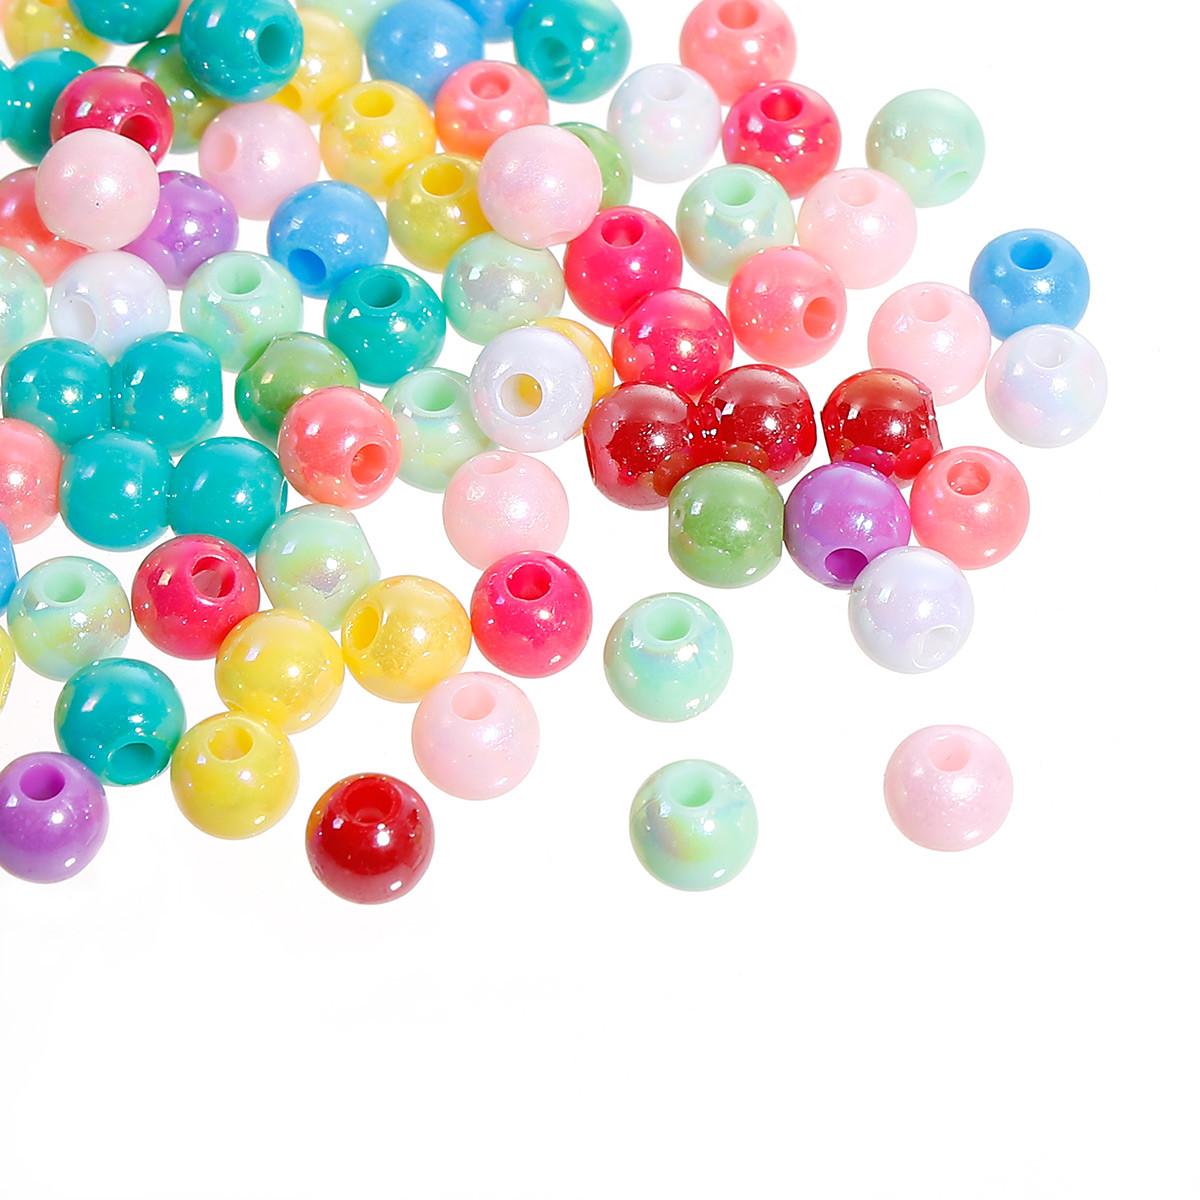 Бусина Круглая, Акриловая, Яркие цвета с перламутровым переливом, 6 мм, Отверстие: 1.5 мм, Цвет: Микс, 10 шт.